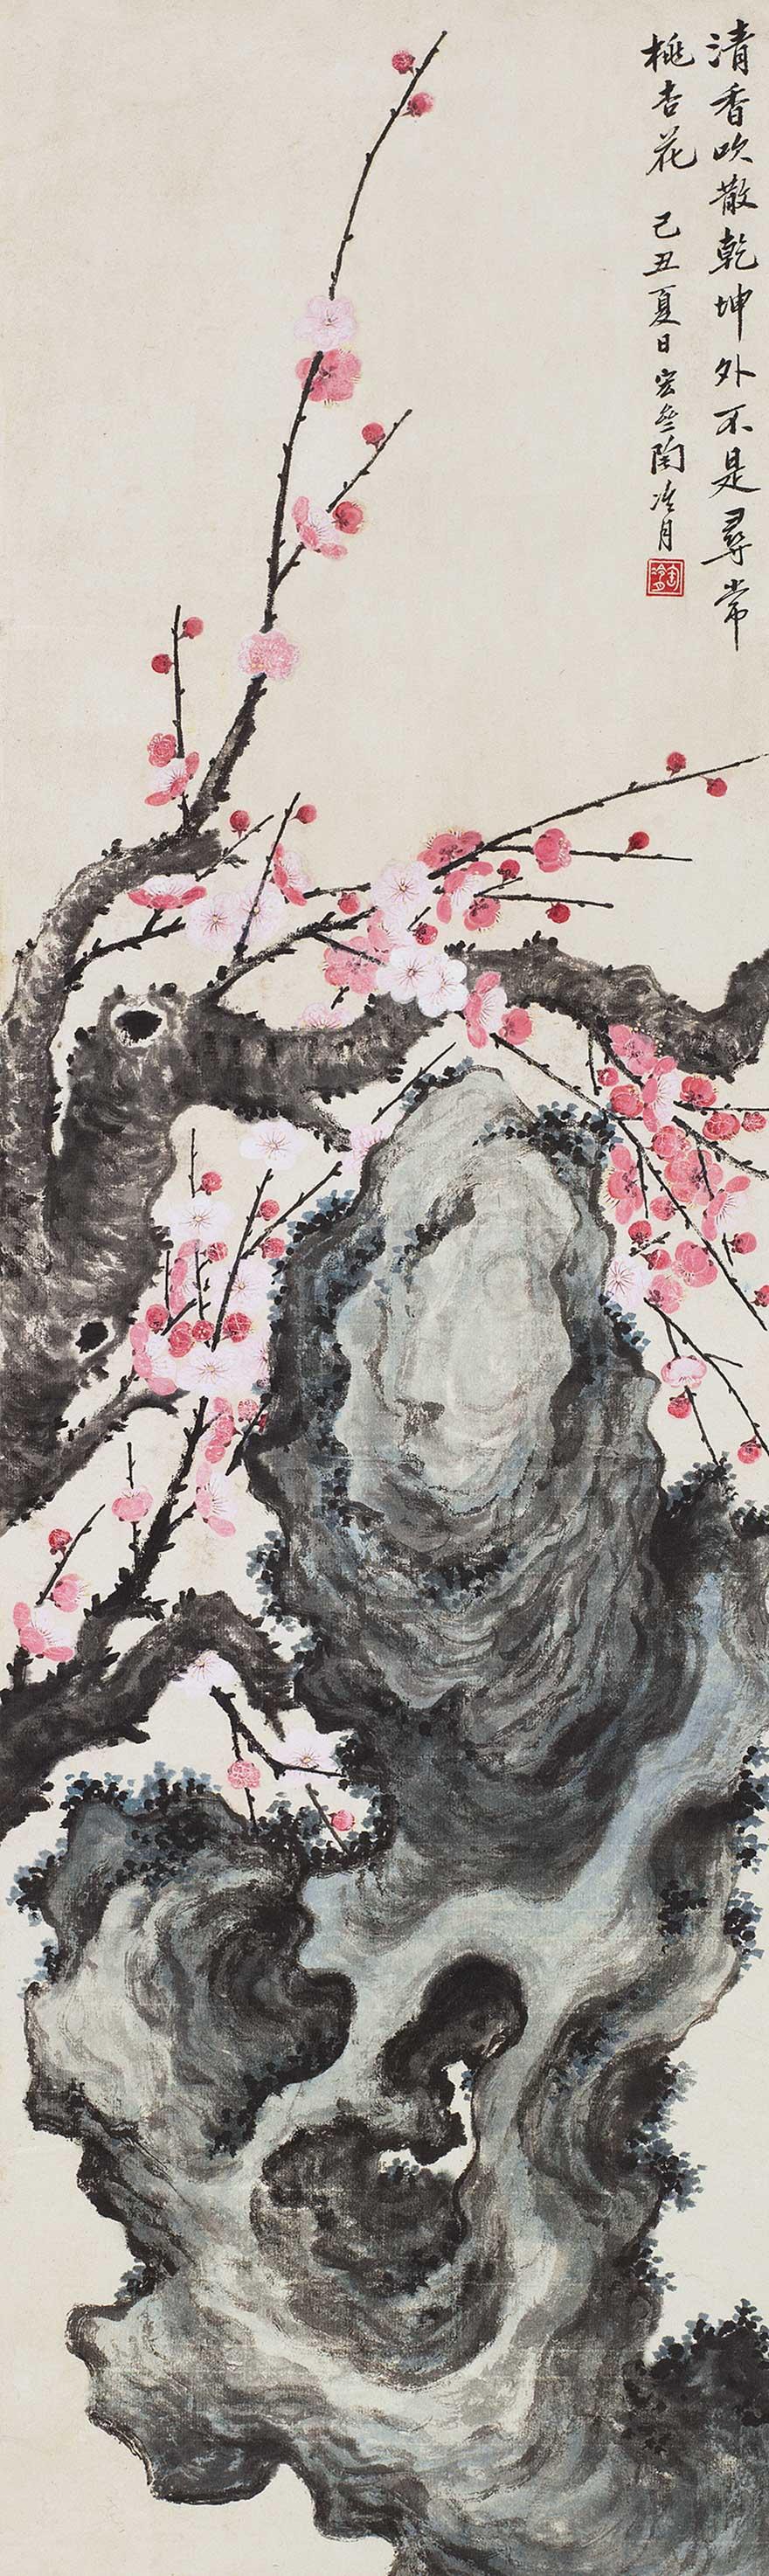 桃花青石图